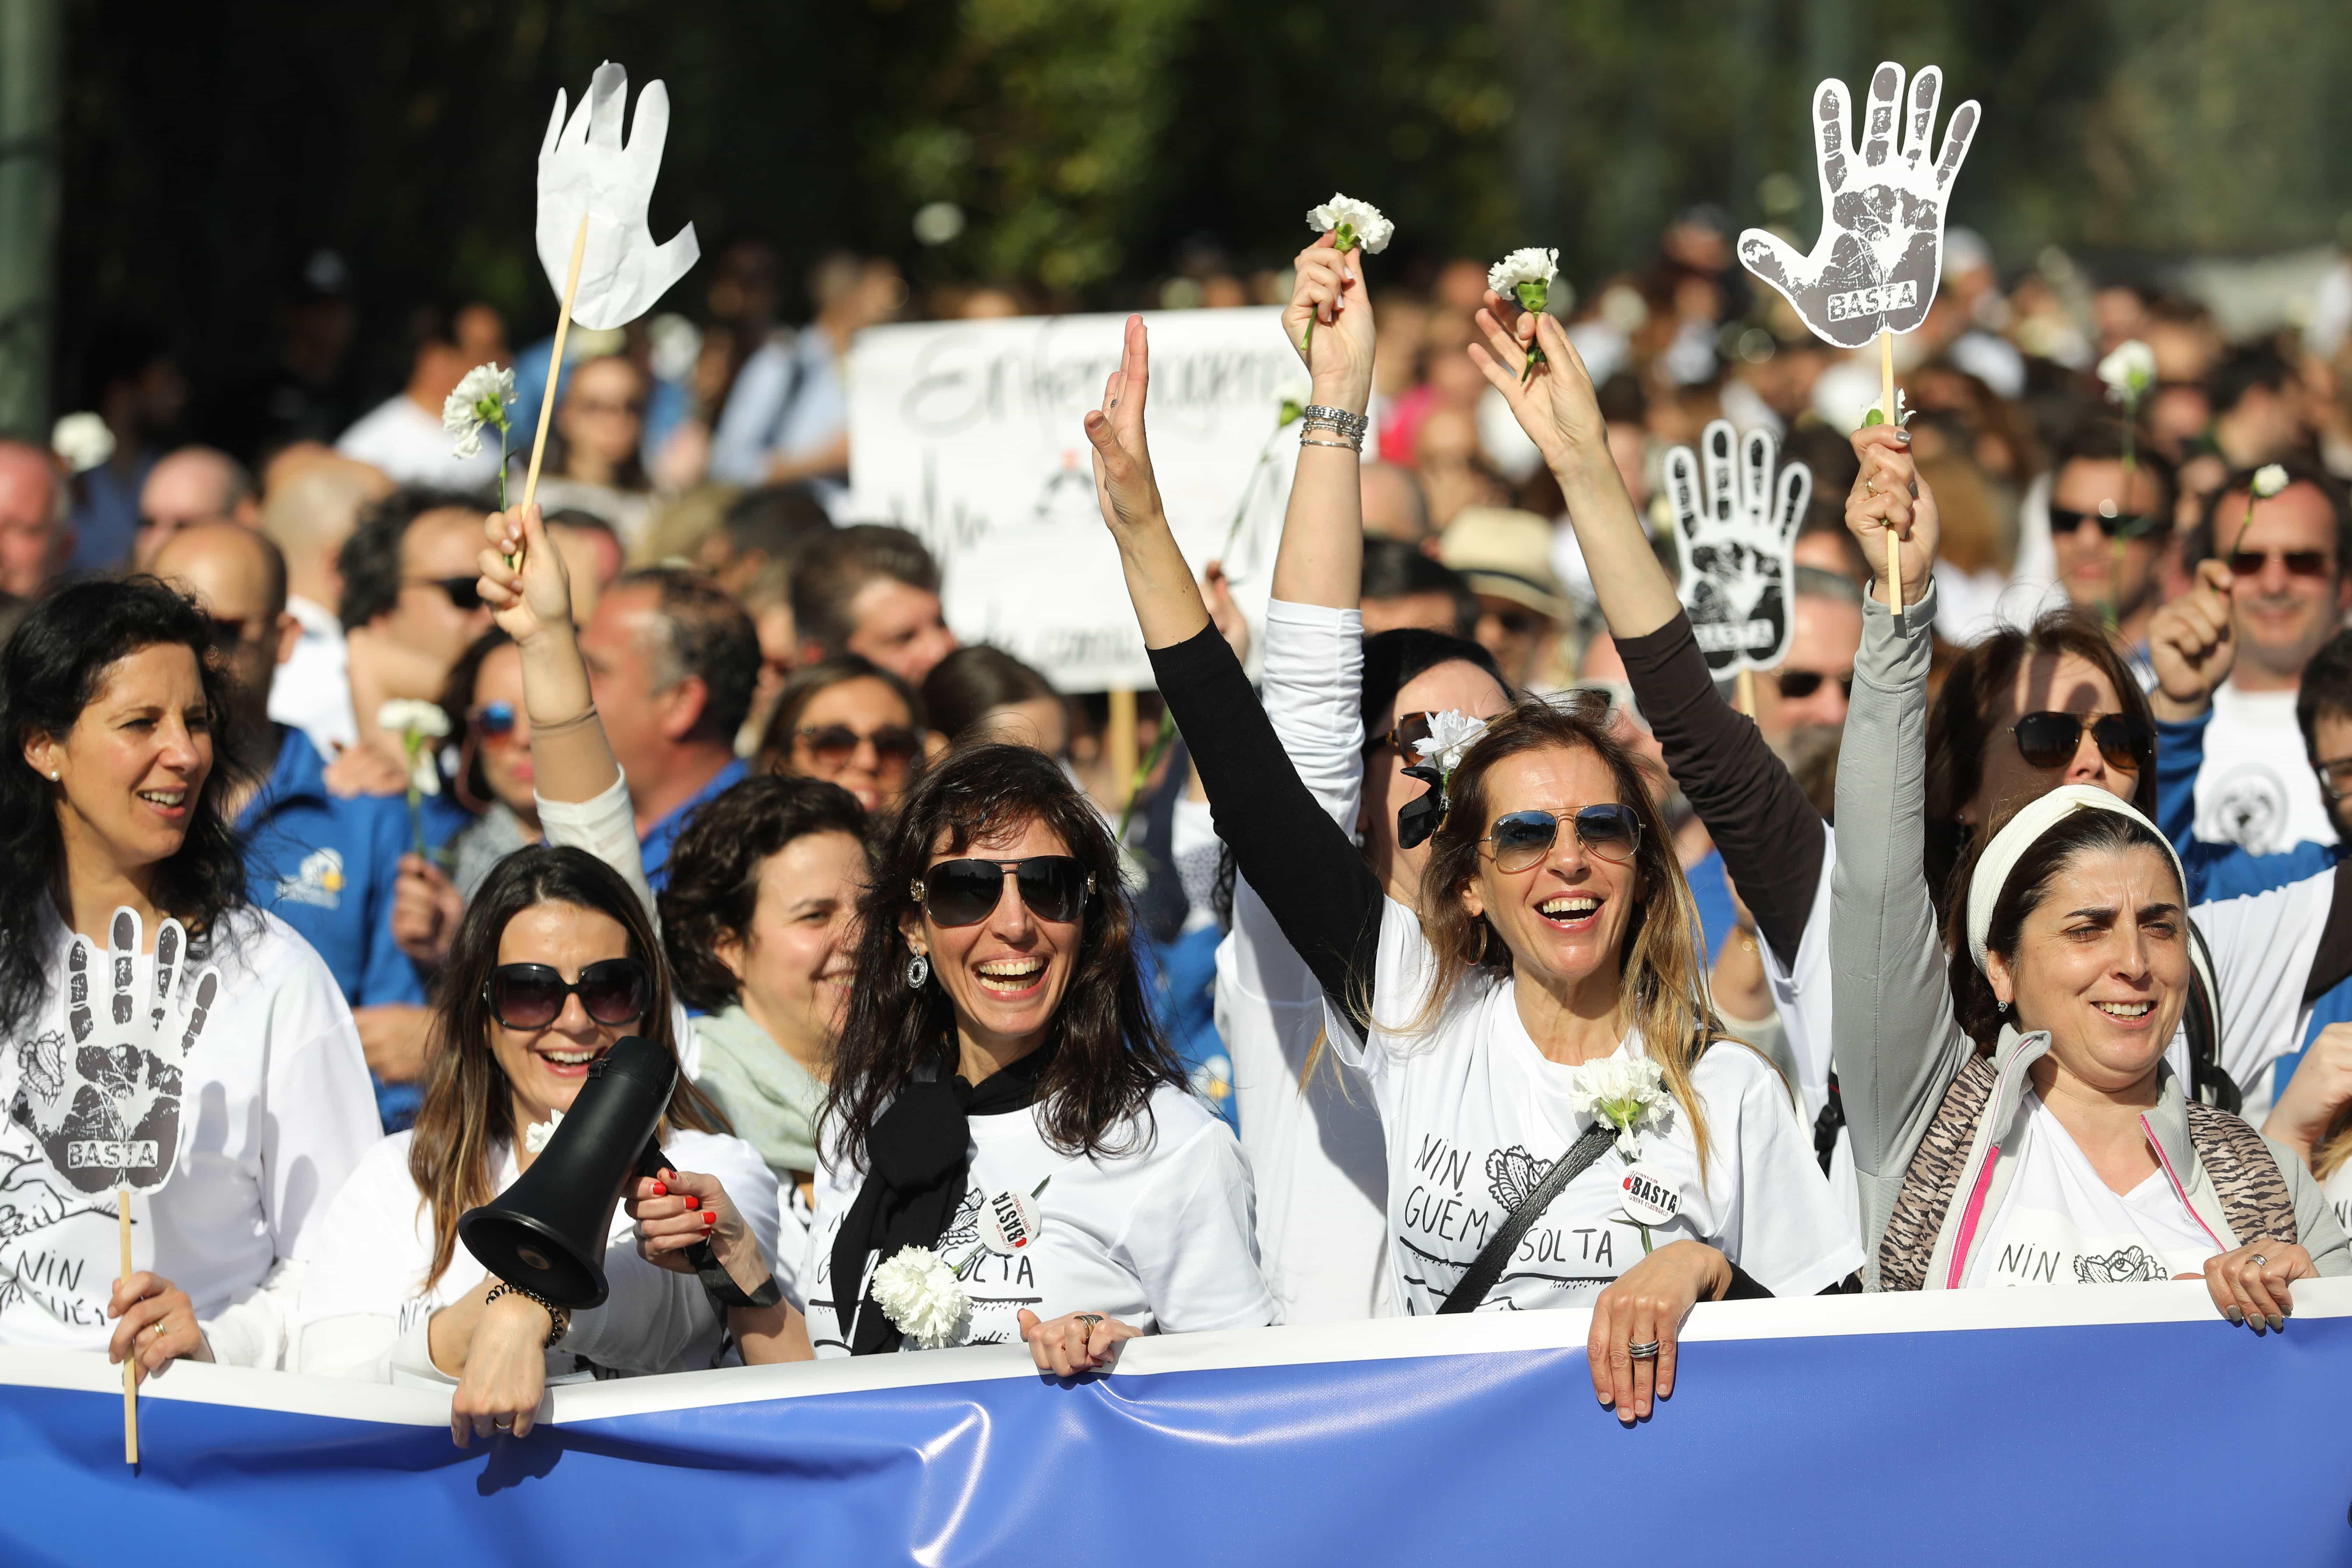 Milhares de enfermeiros na marcha pela enfermagem em Lisboa